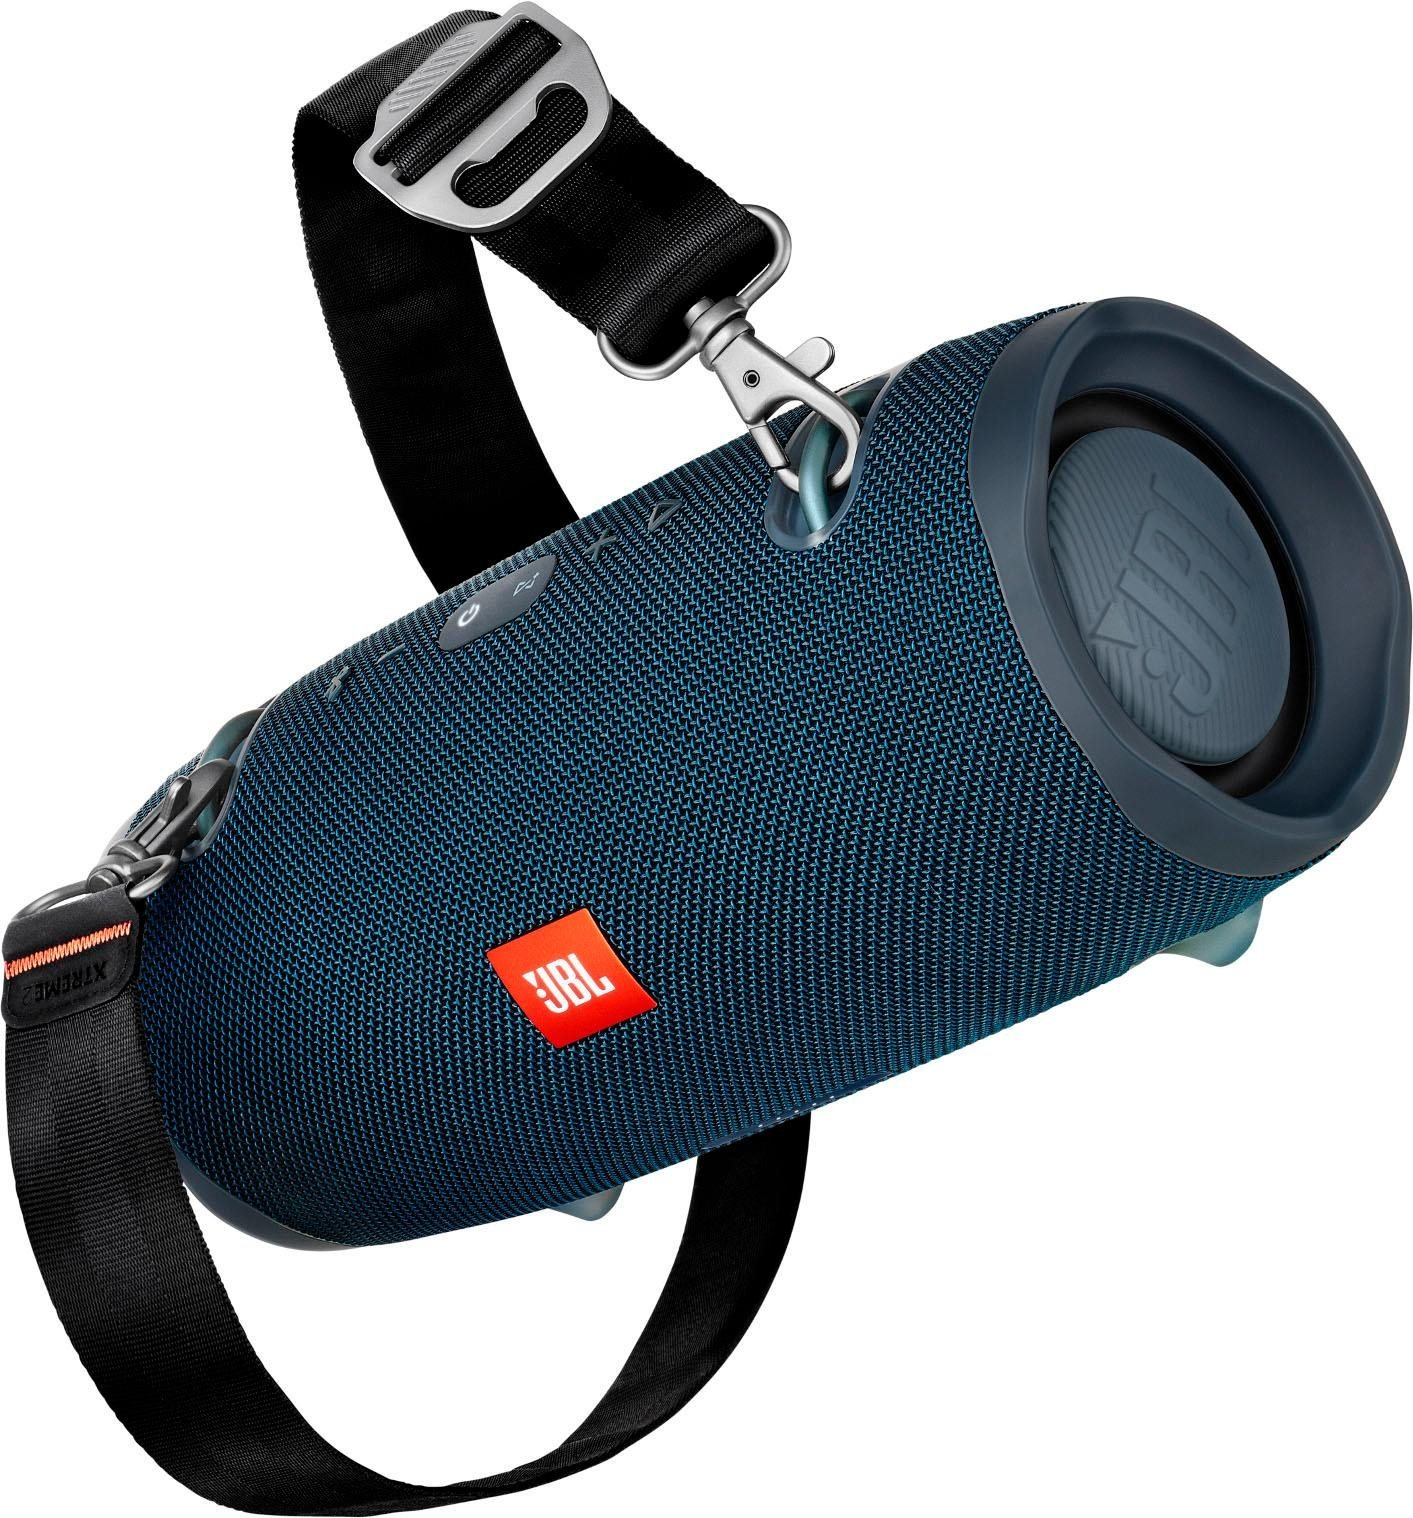 Xtreme 2 Stereo Portable-Lautsprecher (Bluetooth, Freisprechfunktion, 40 W)